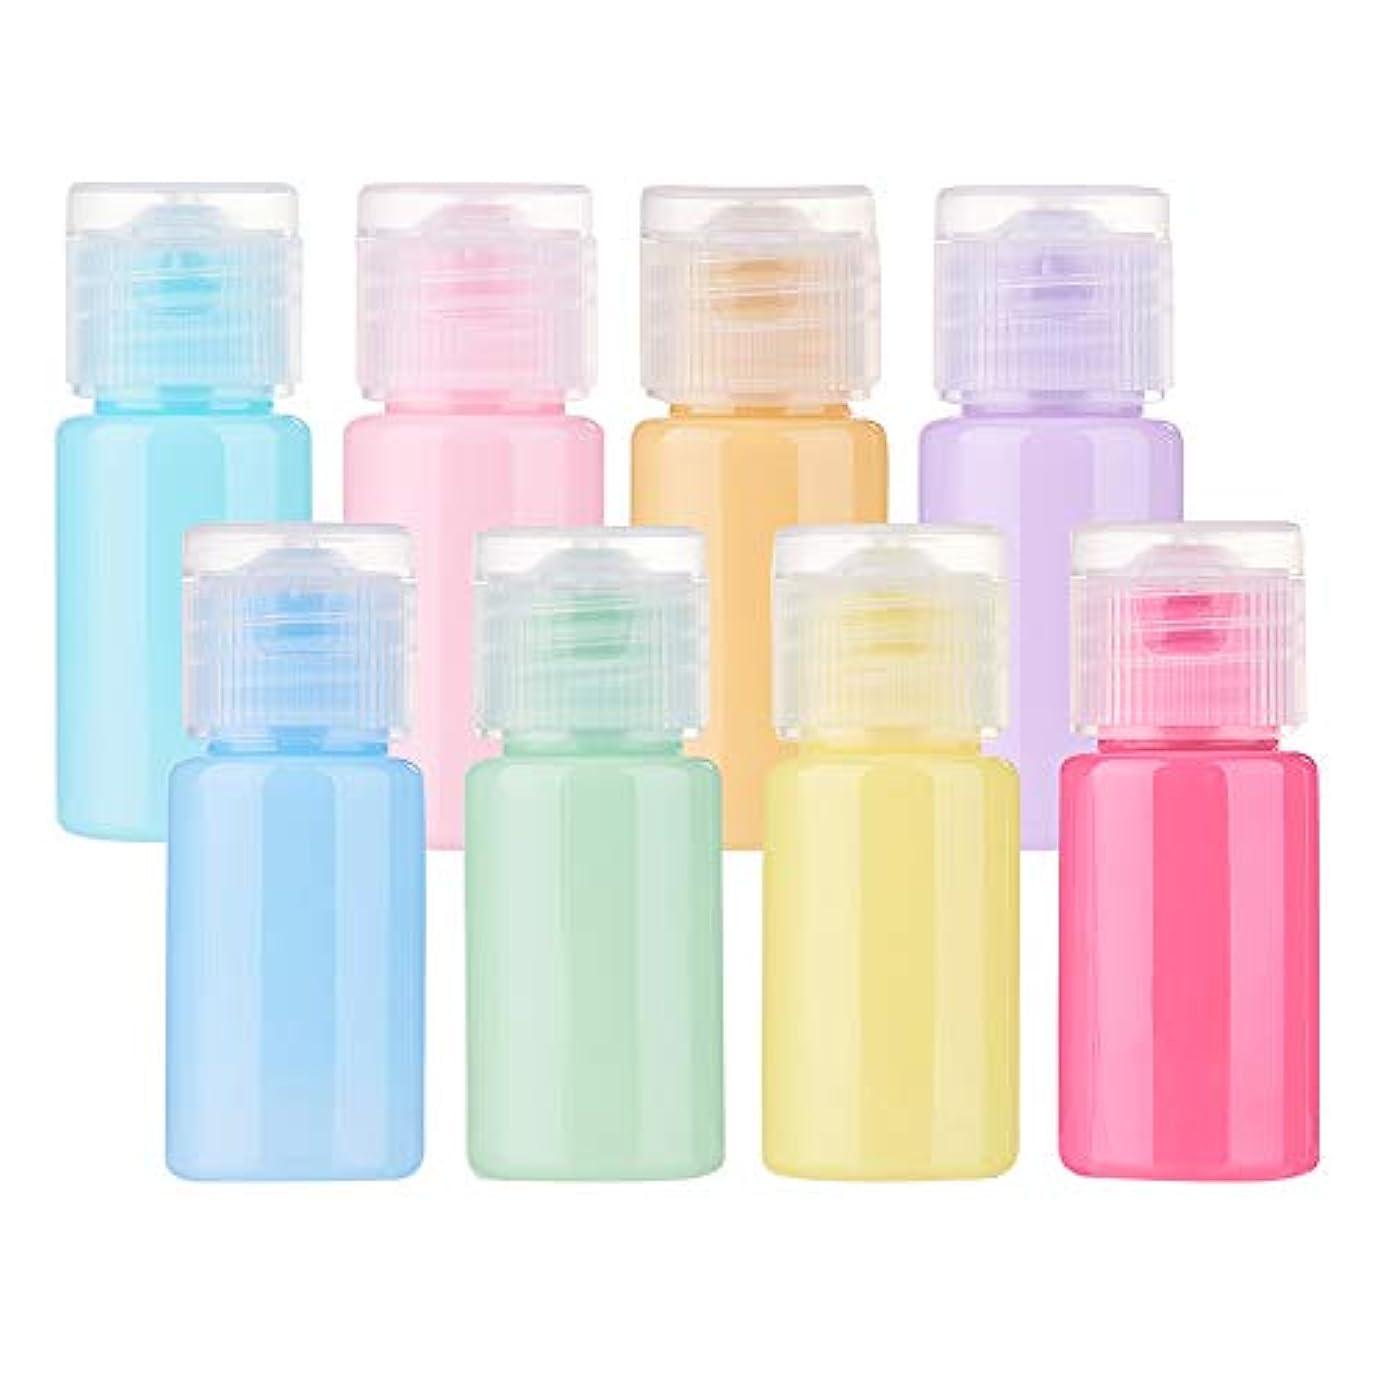 減少見つけた破壊BENECREAT 24個セット10mlマカロン色ボトル カラフルボトル プラスチック製 フリップキャップ クリーム 化粧品小分け 旅行 詰め替え容器